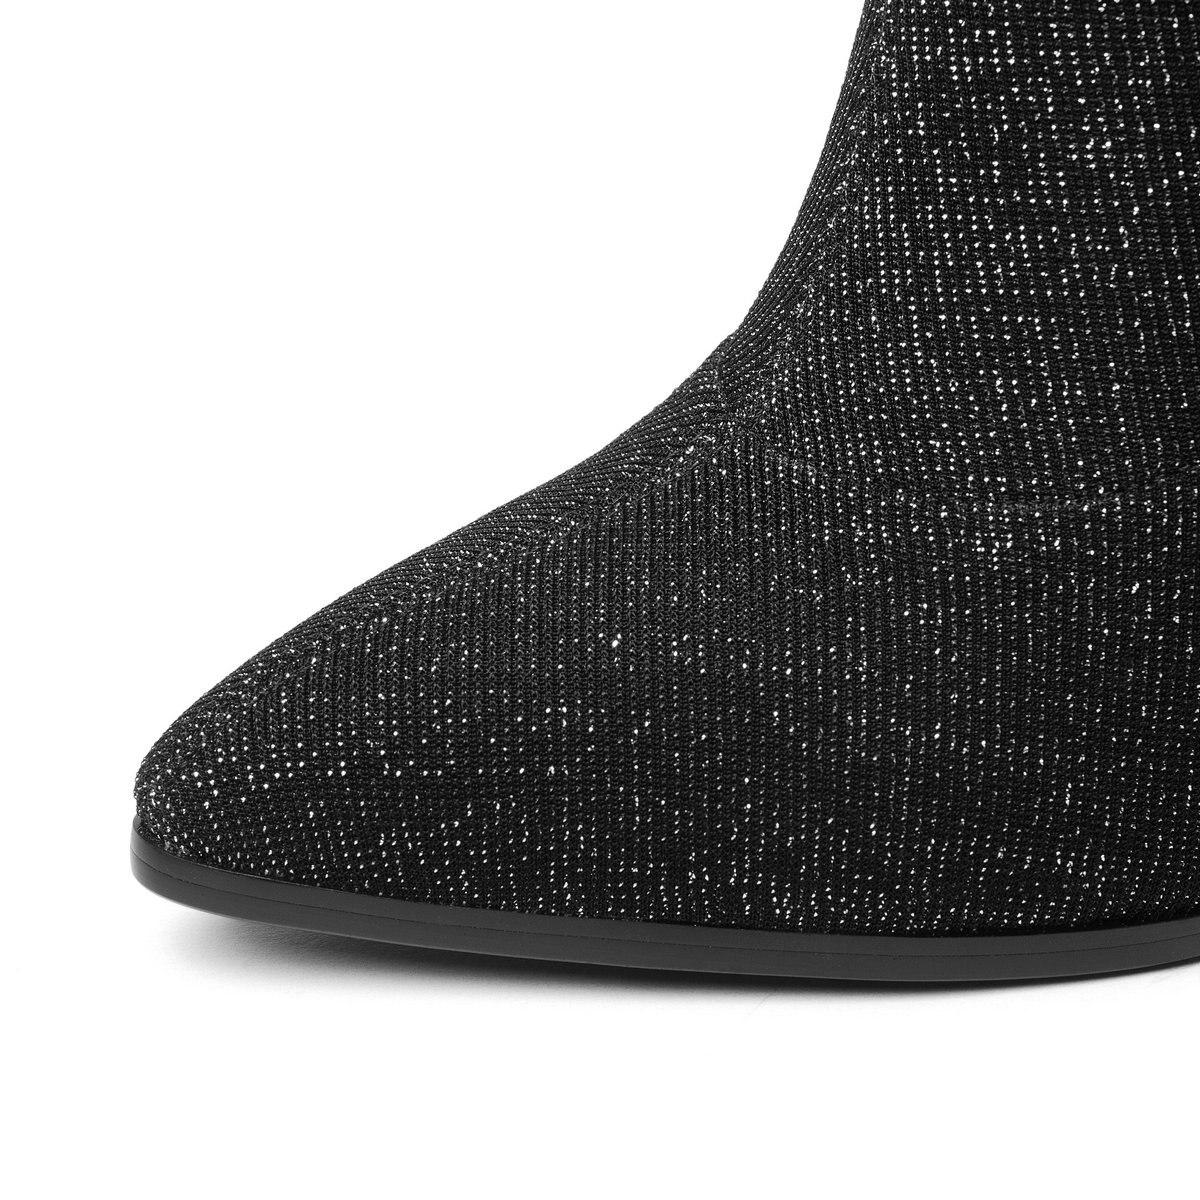 Hiver Pointu Bout À Dames Chaussures Noir pourpre Chaussettes Stretch Femmes Nouveau Violet bleu Carré Bottes Bleu Automne Hauts Cheville De Noir Mode Talons 2018 SPO6qF6cv